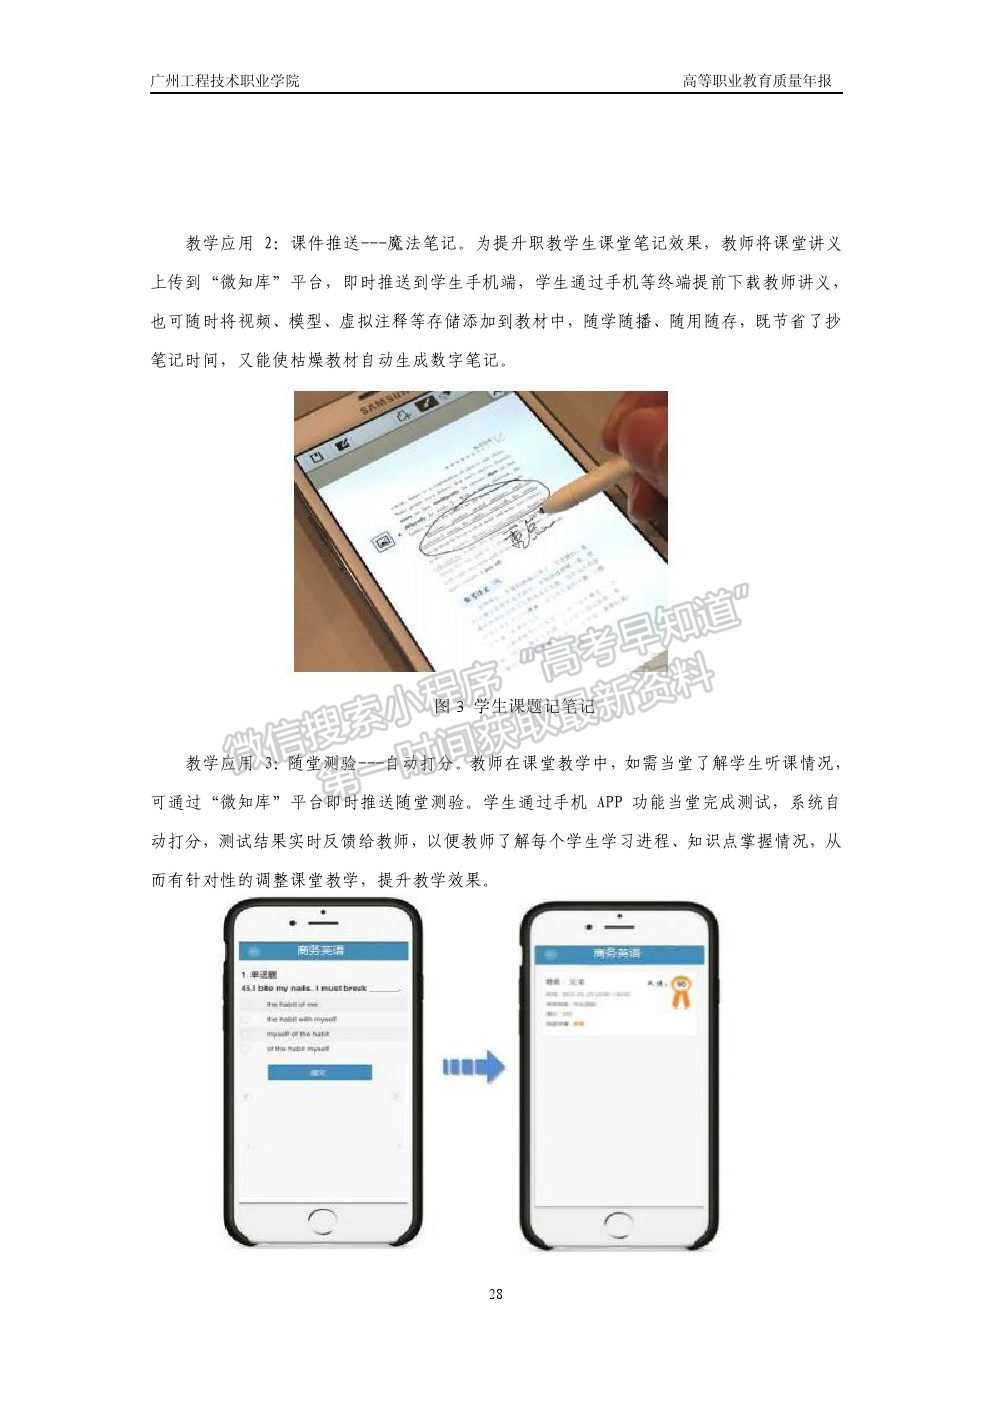 广州工程技术职业学院2020年就业质量报告